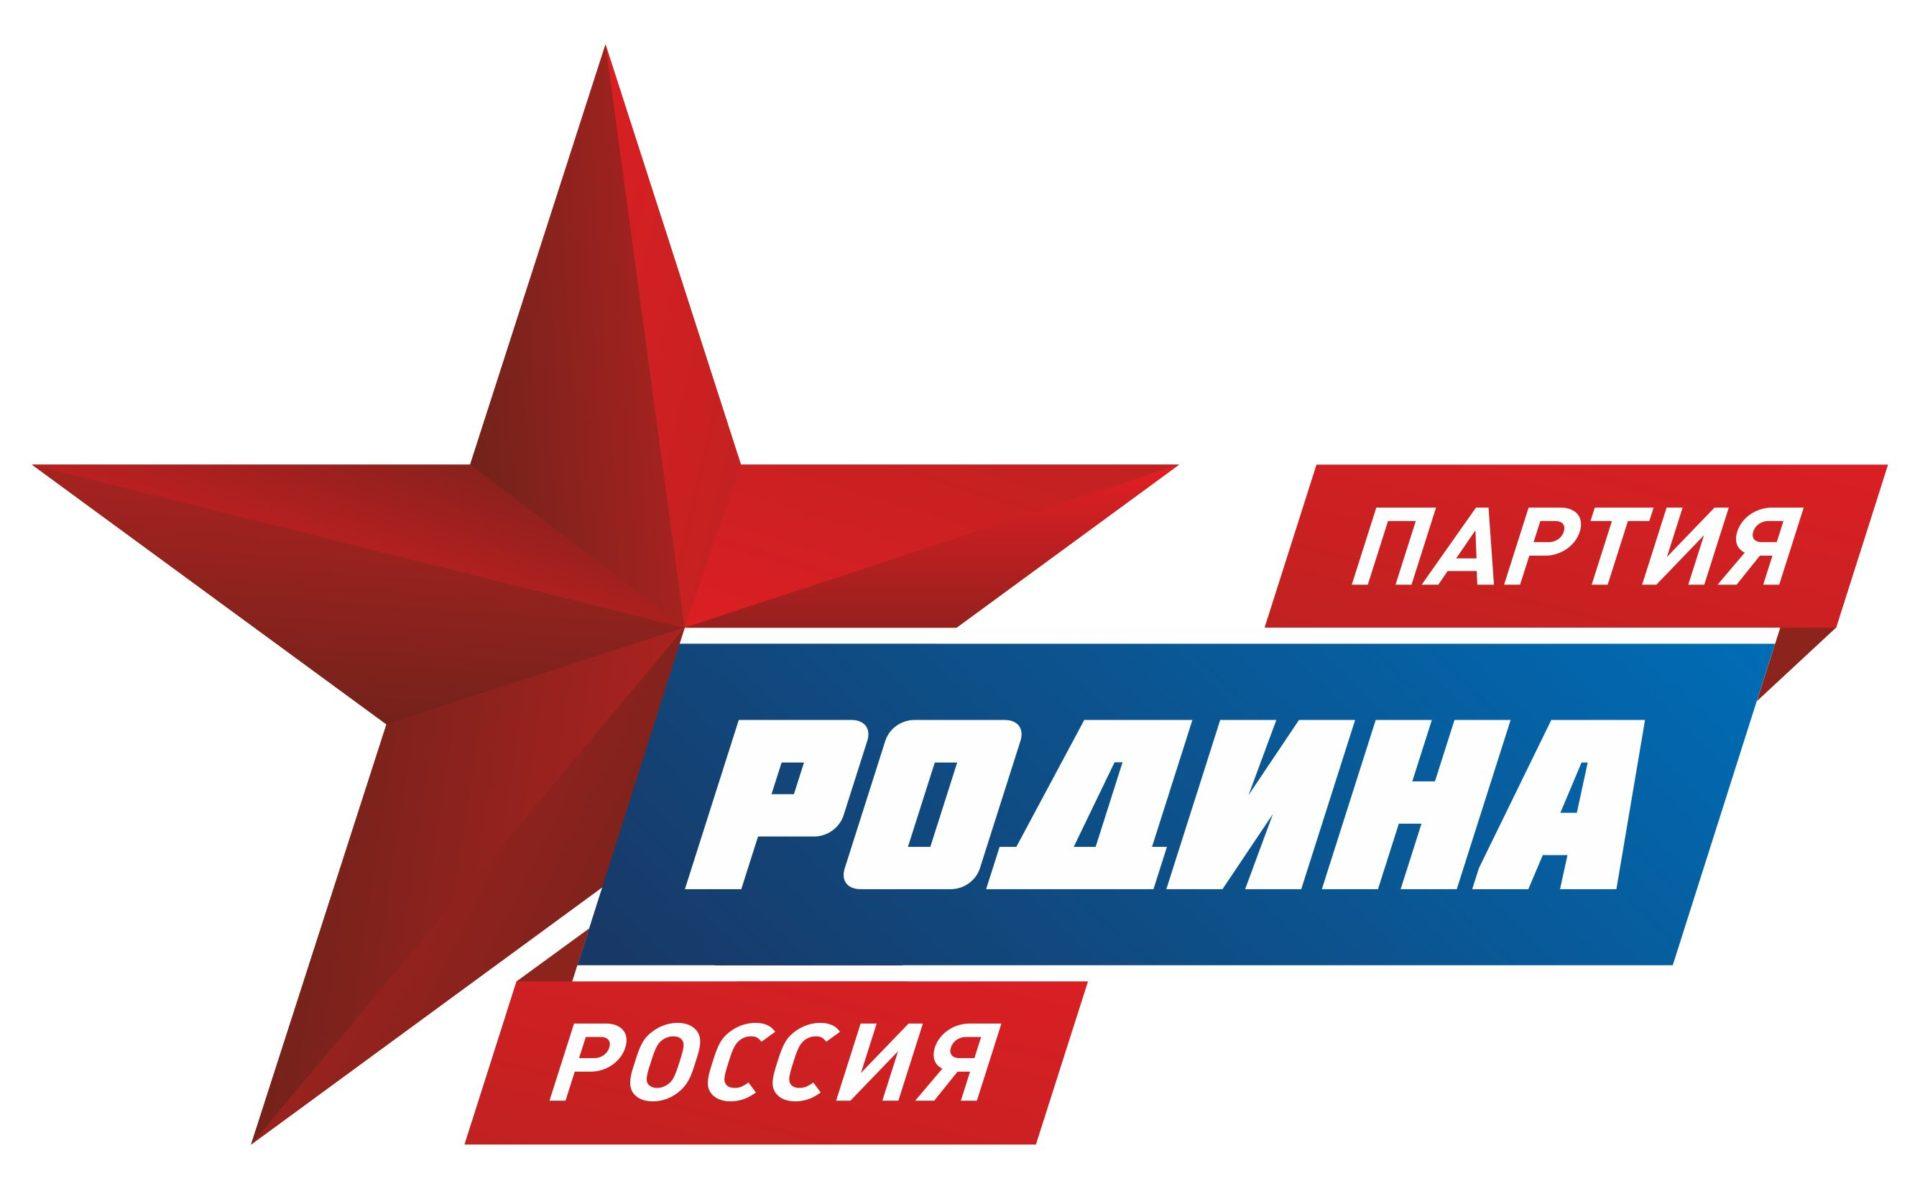 В избирательную комиссию поступили документы об отзыве кандидата на должность главы города от партии «Родина»